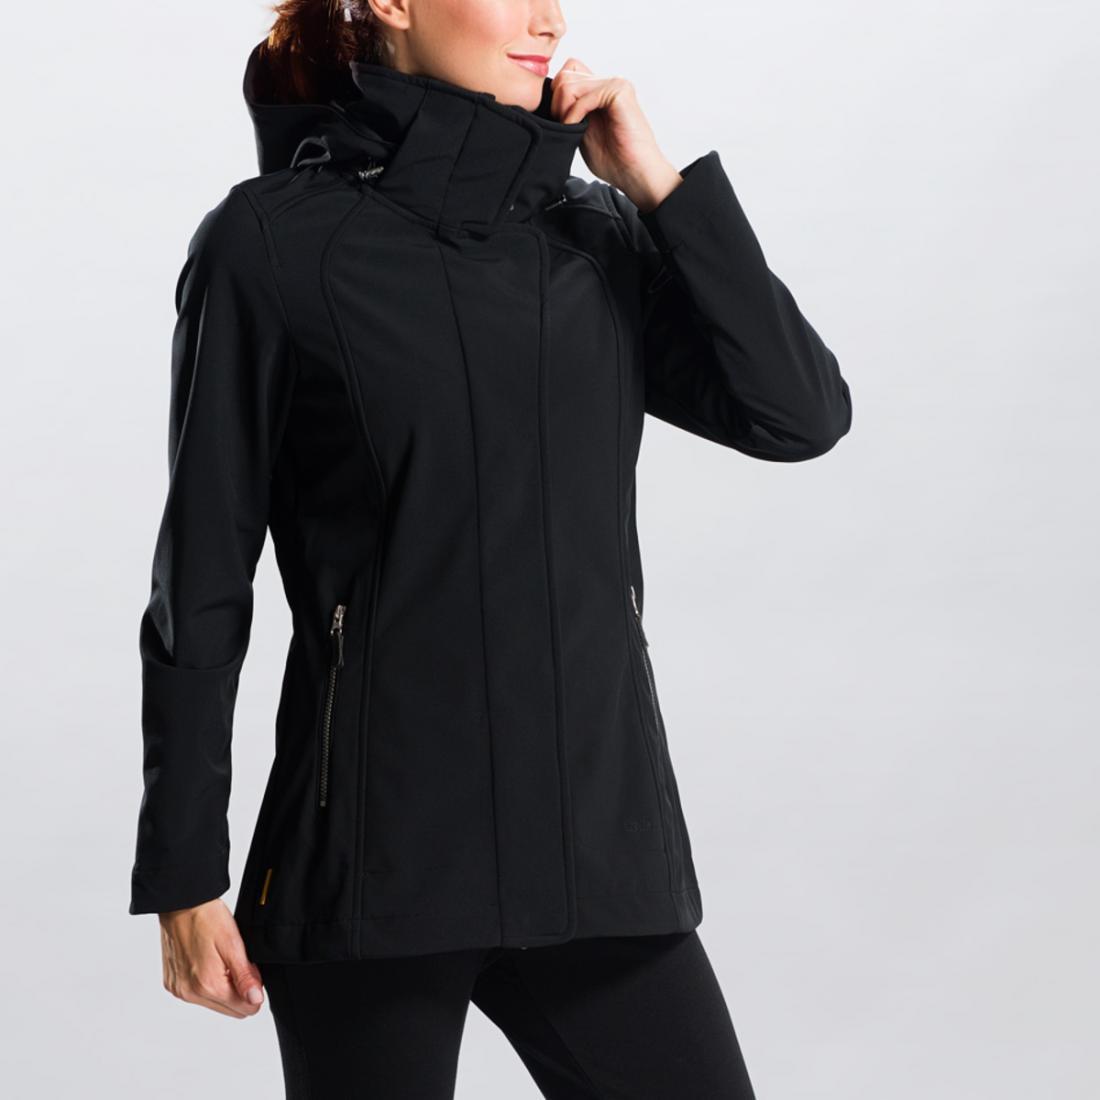 Куртка LUW0191 STUNNING JACKETКуртки<br>Легкий демисезонный плащ из софтшела с оригинальным принтом – функциональная и женственная вещь. <br> <br><br>Регулировки сзади на талии.<br>Воротник-стоечка.<br>Съемный капюшон со стяжками.<br>Два кармана на молнии.&lt;/li...<br><br>Цвет: Черный<br>Размер: S